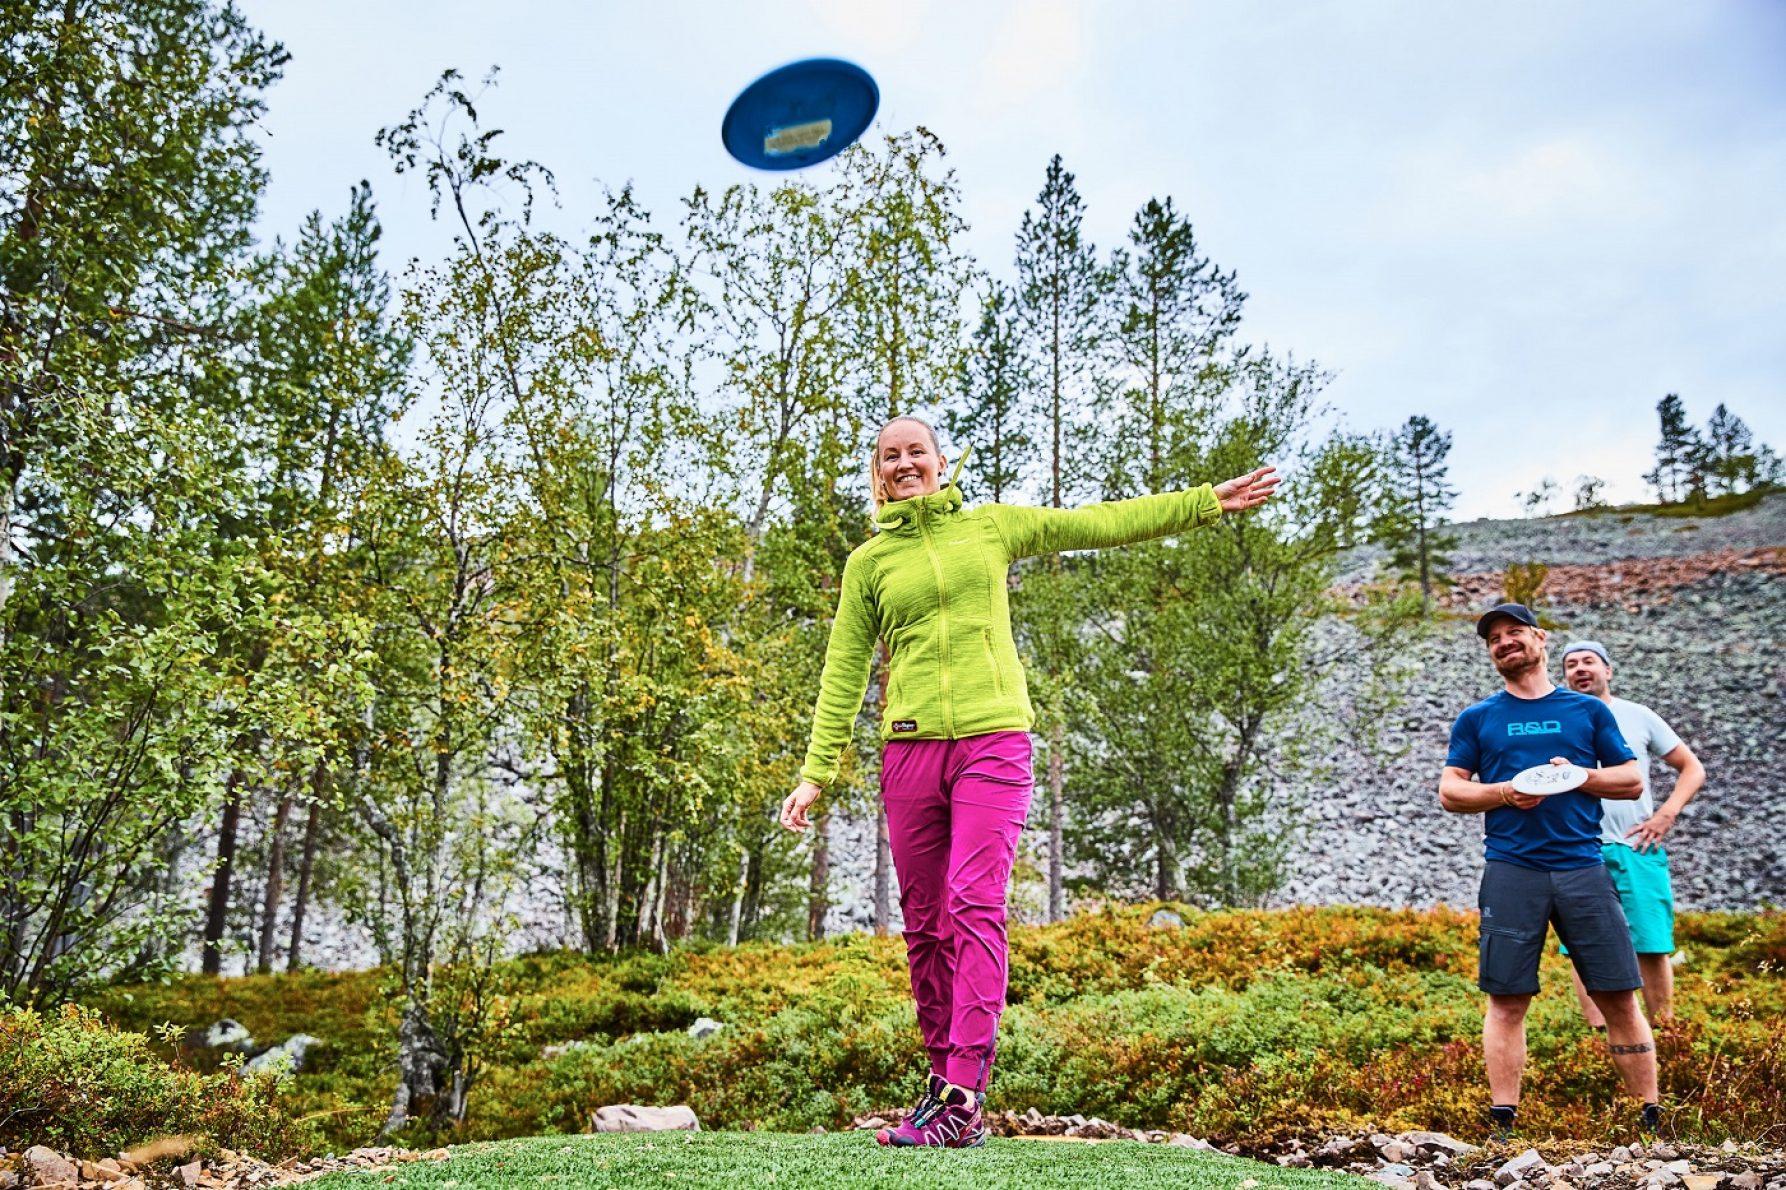 Testaa Luoston frisbeegolfrata - Pl Frisbeegolf Web Luosto 3